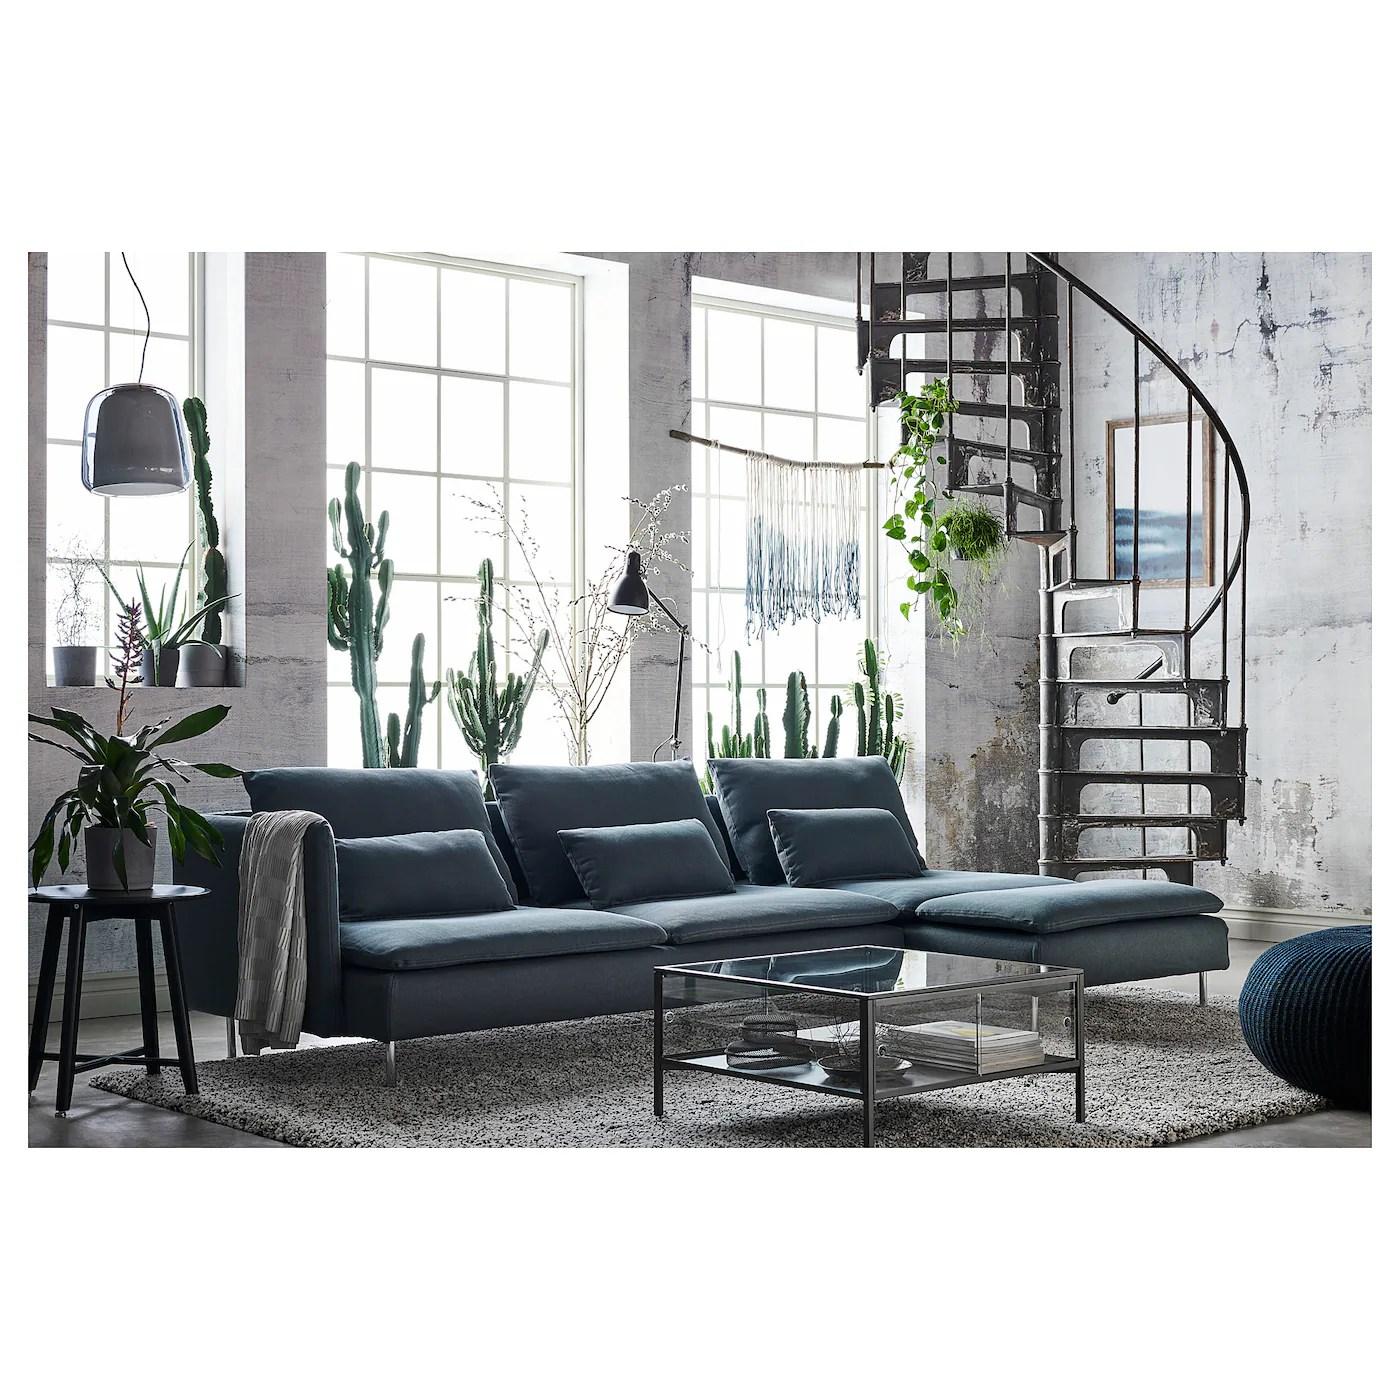 chaise longue finnsta turquoise ikea